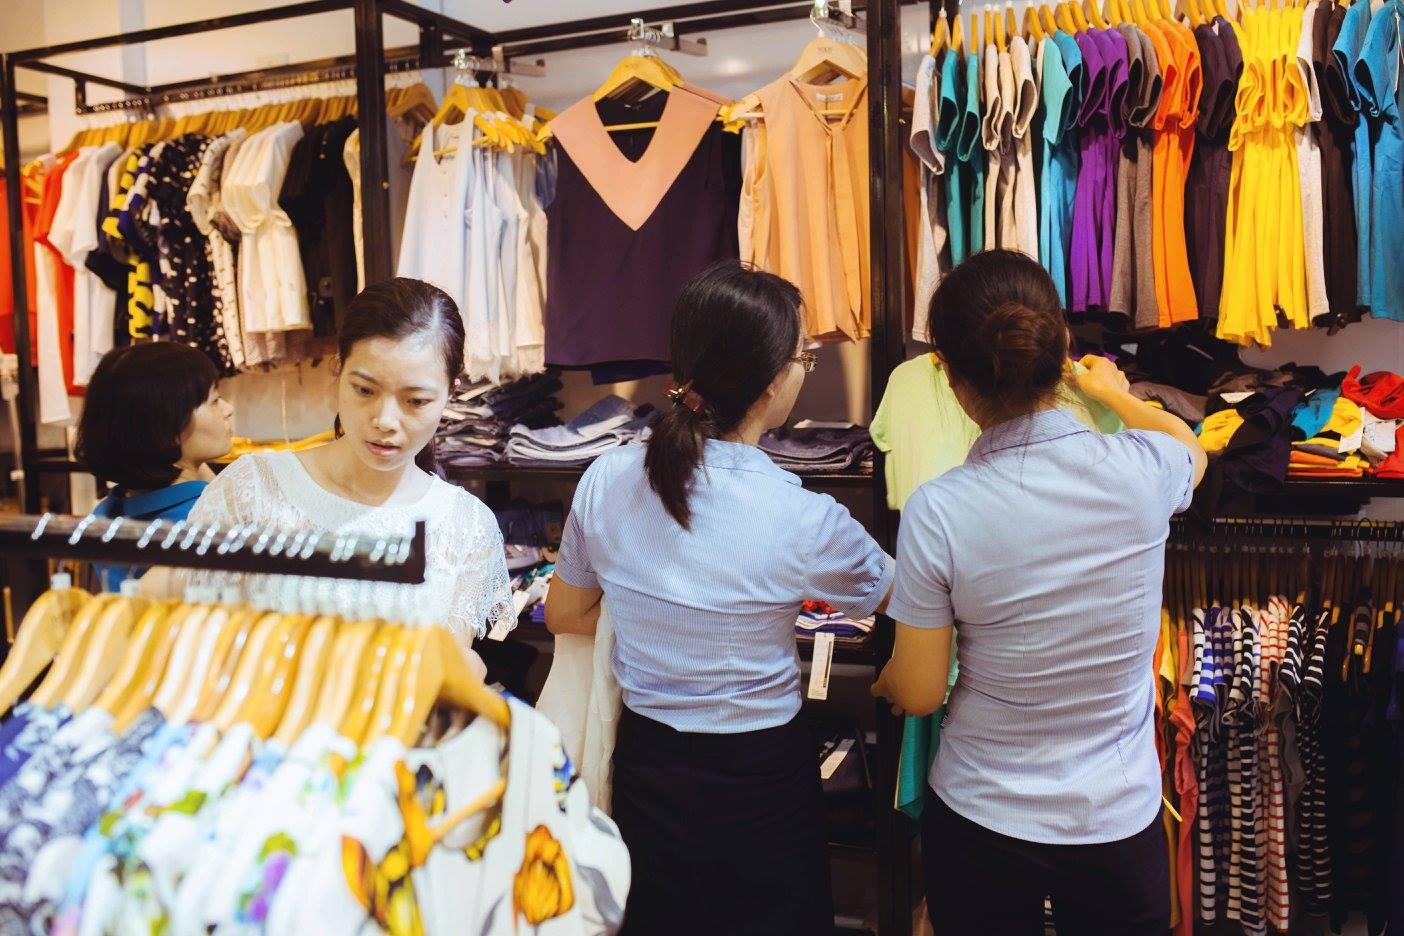 Phục vụ tận tình khiến khách có thiện cảm hơn với cửa hàng